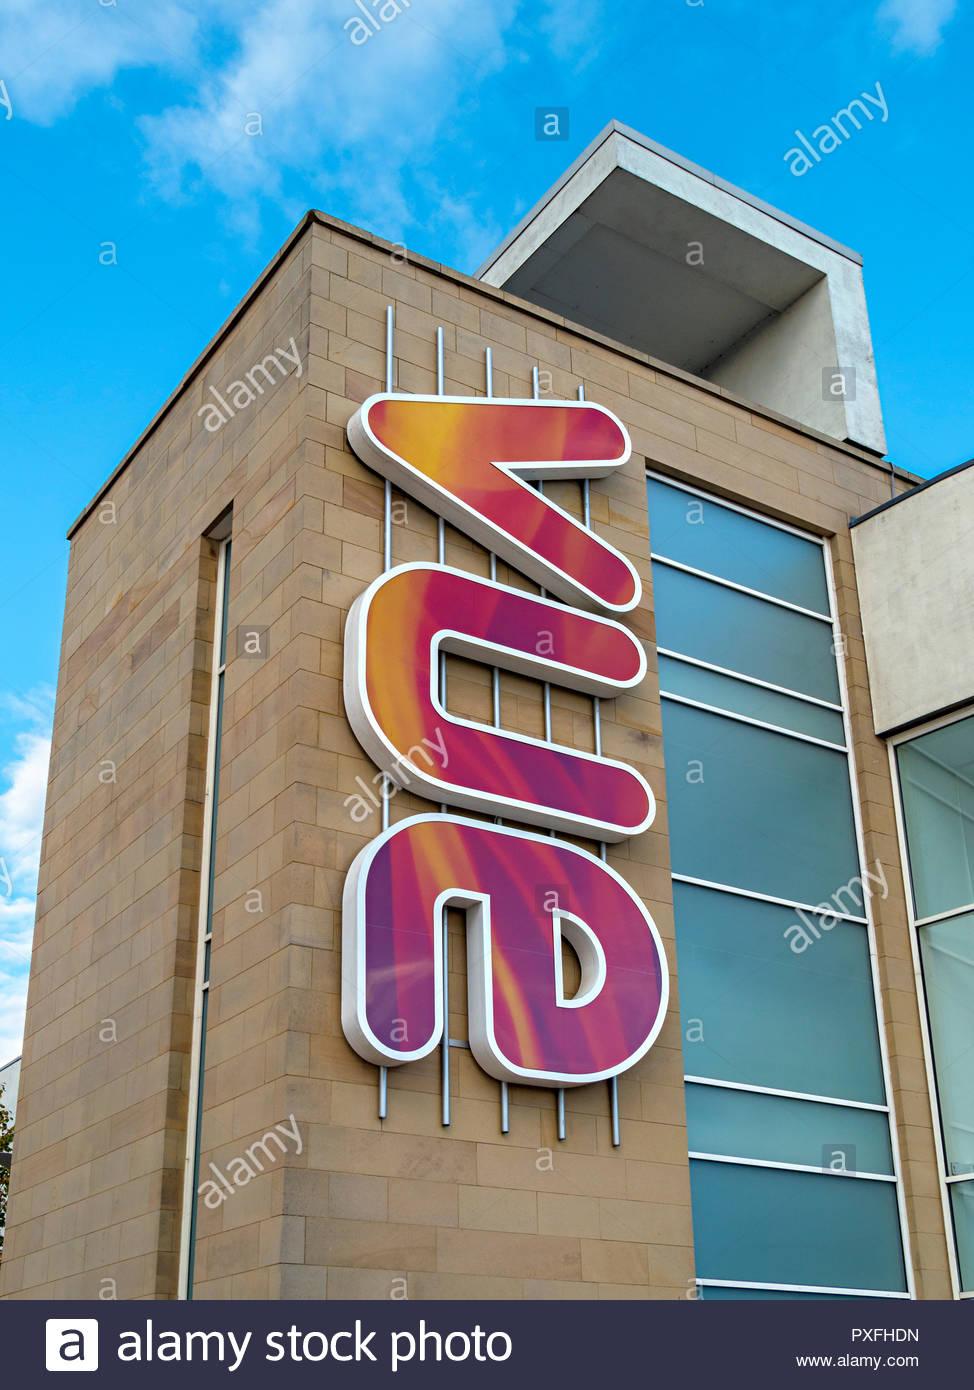 Exterior of modern Vue multiplex cinema showing colourful Vue logo, Forthside, Stirling, Scotland, UK - Stock Image